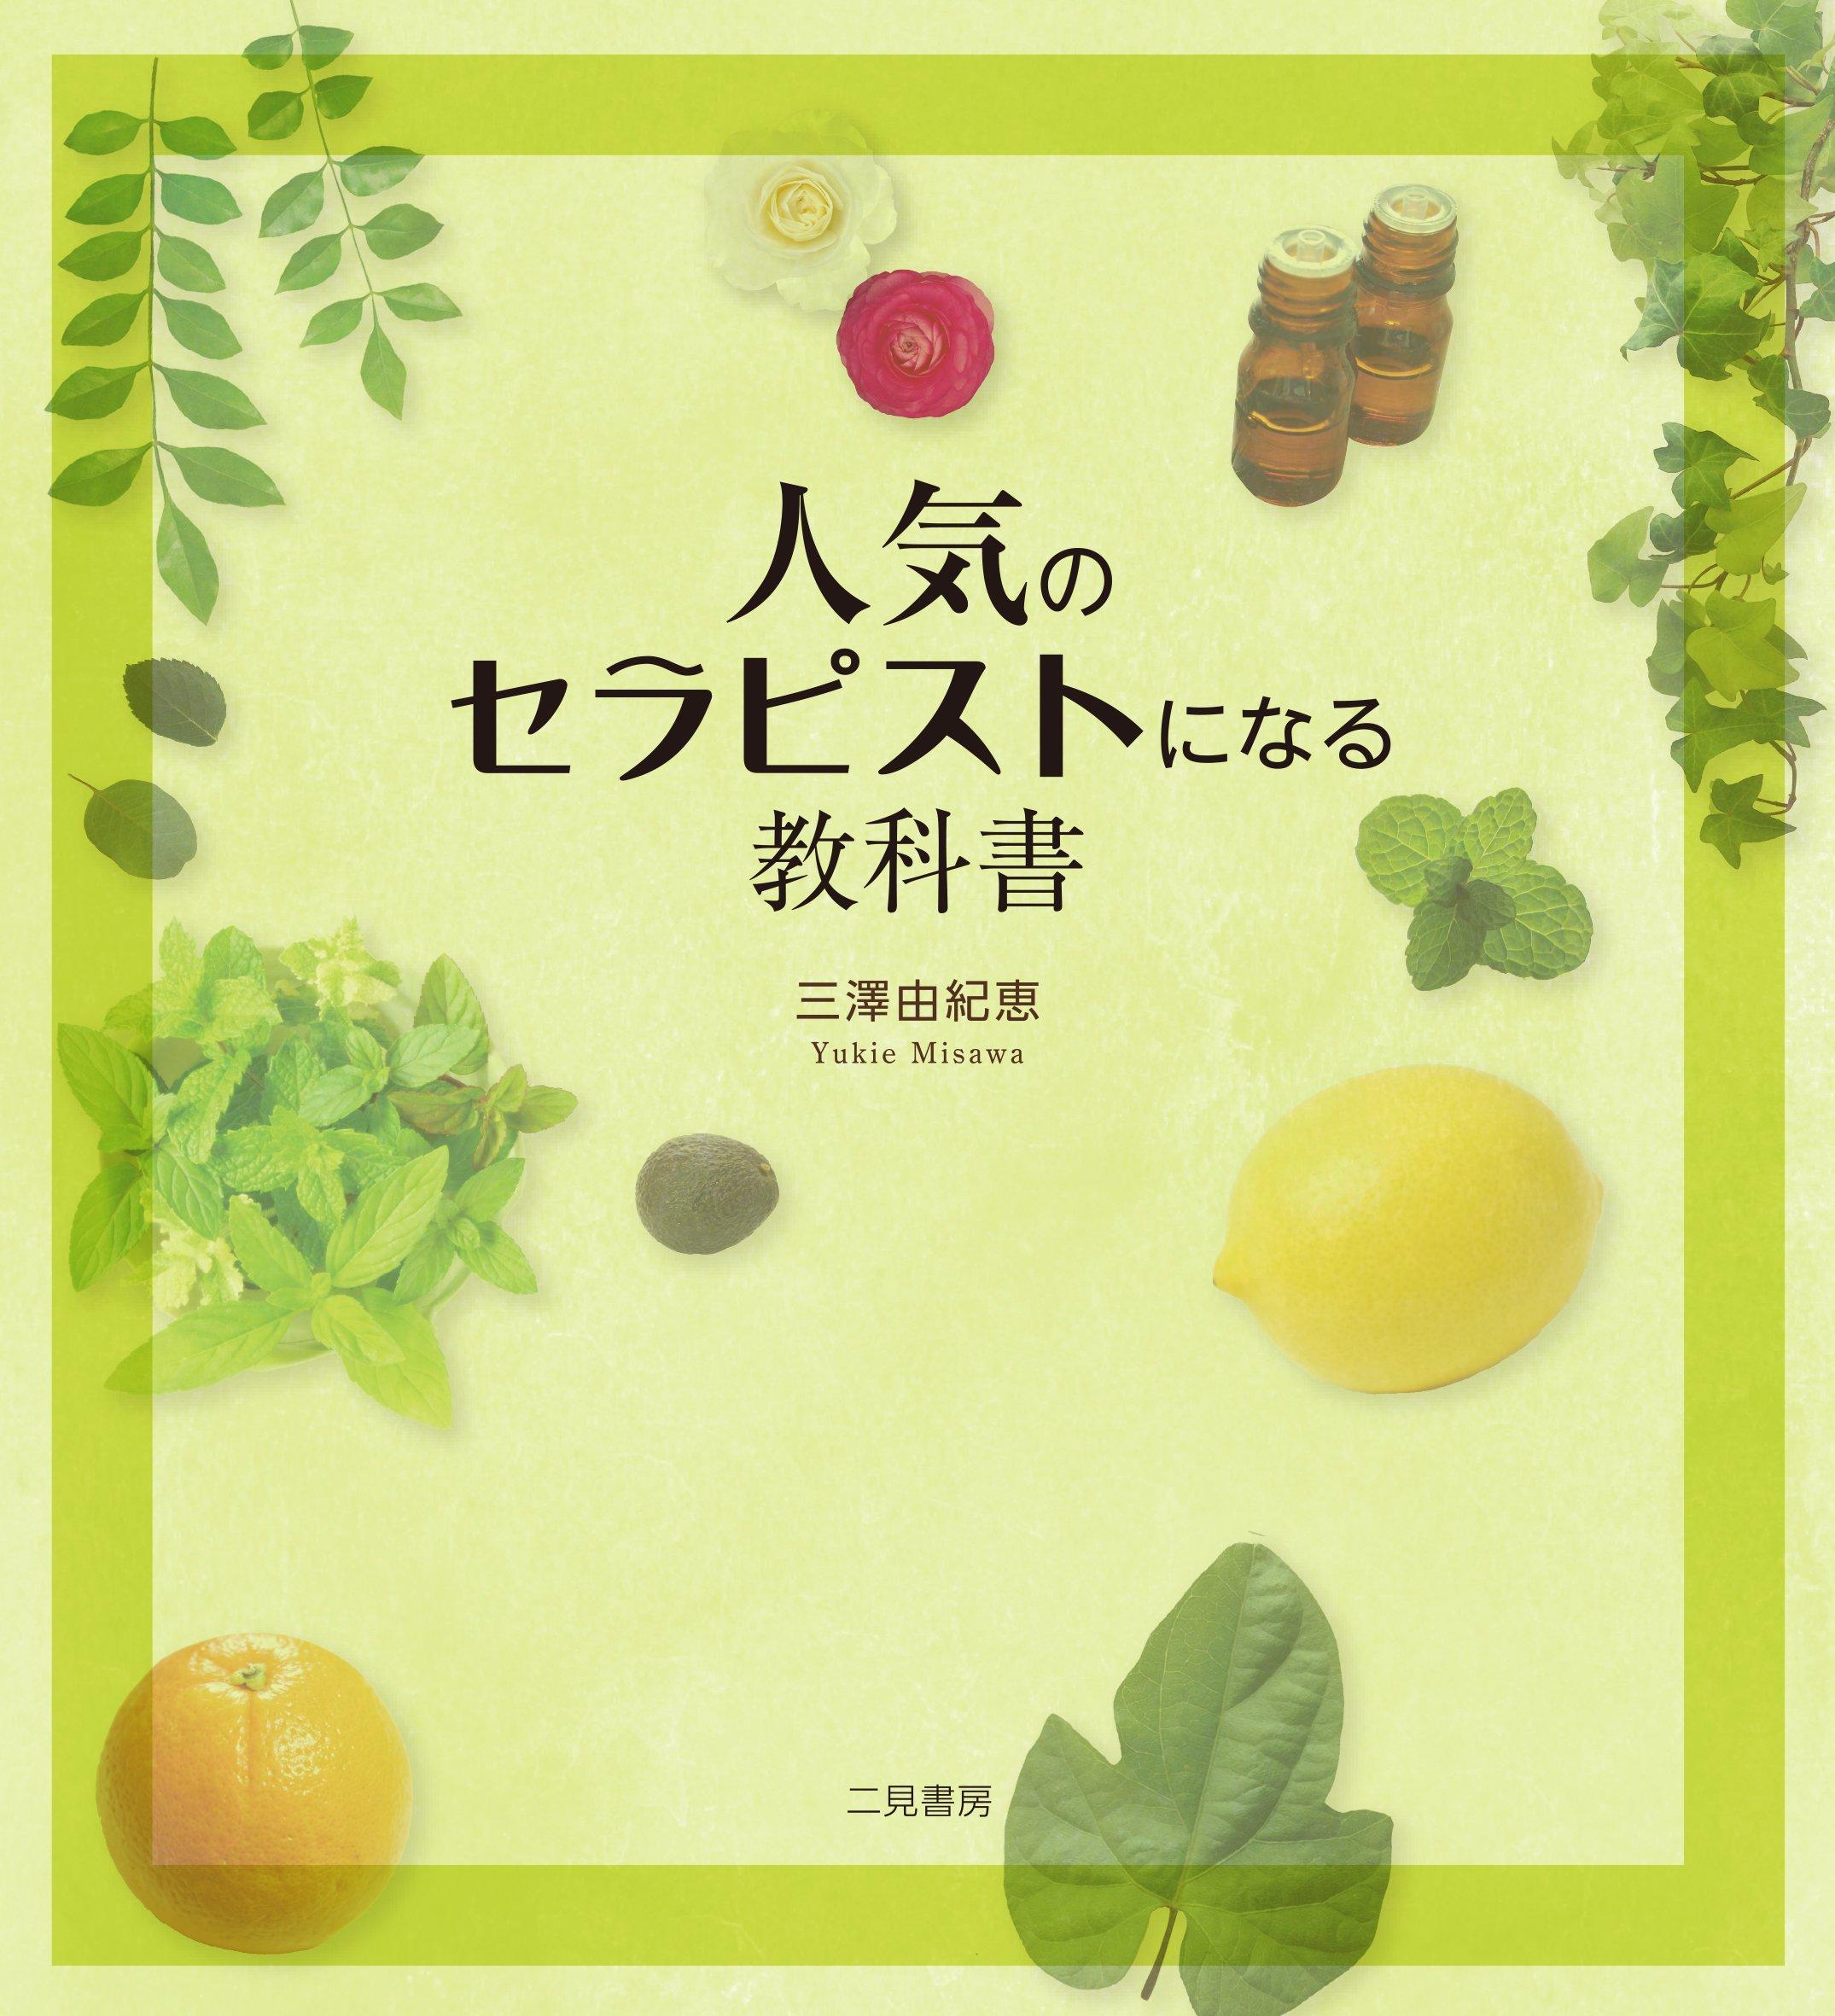 人気のセラピストになる教科書 三澤 由紀恵 (著)